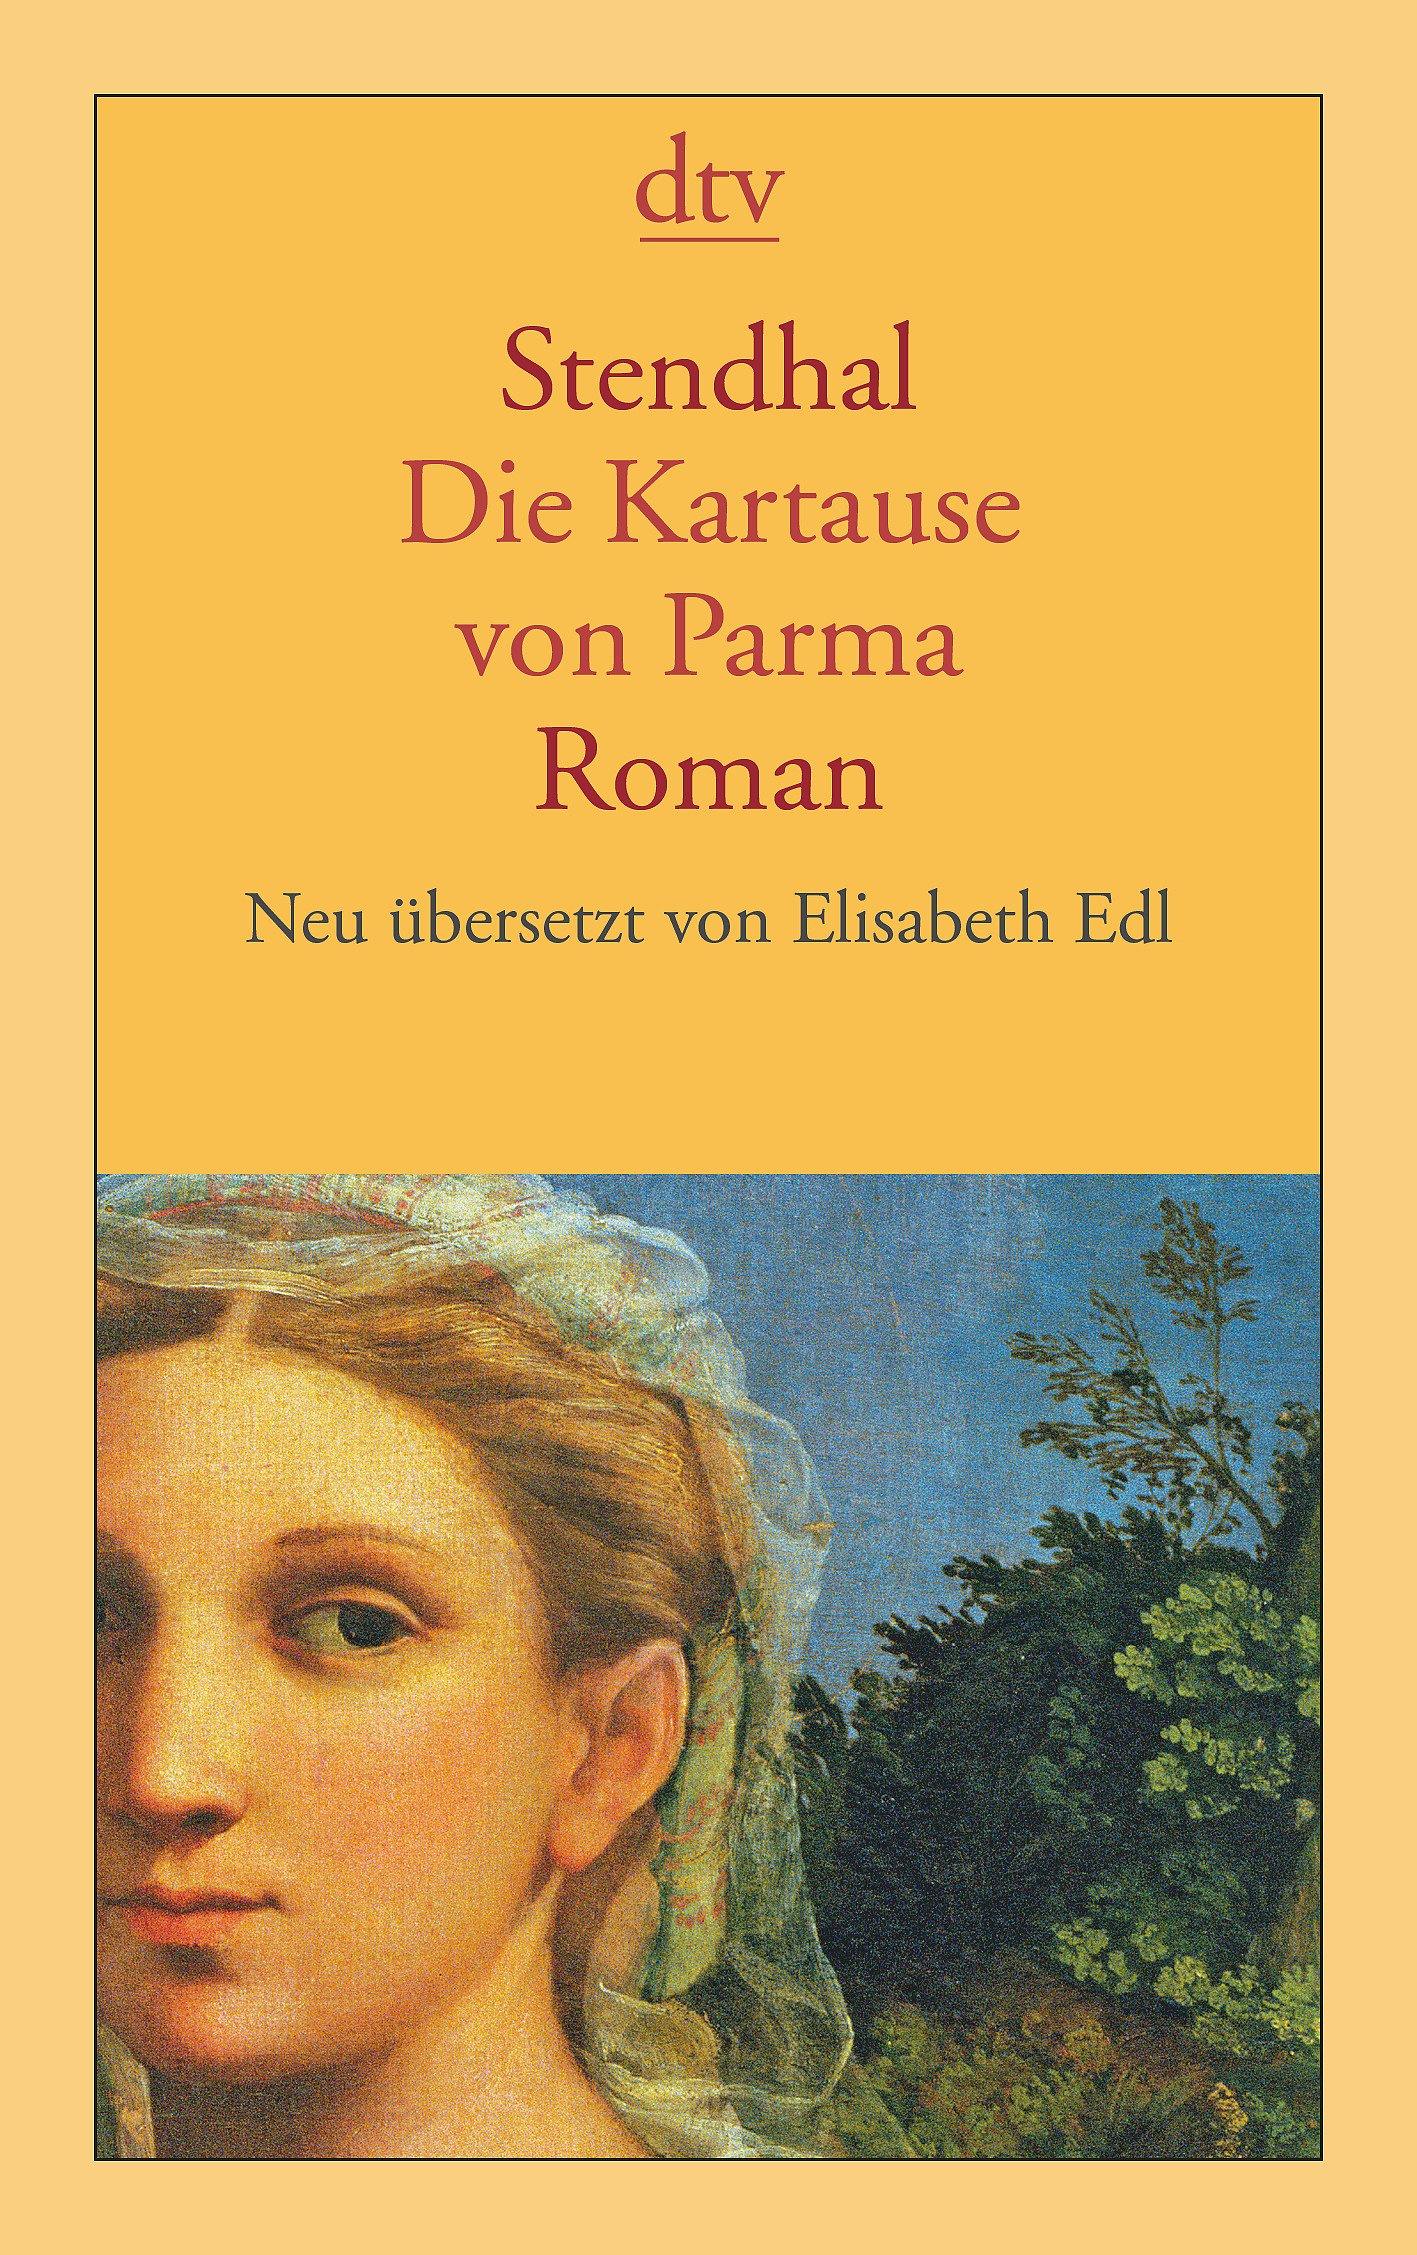 Die Kartause von Parma: Roman Taschenbuch – 1. Juni 2009 Elisabeth Edl Stendhal dtv Verlagsgesellschaft 3423137762